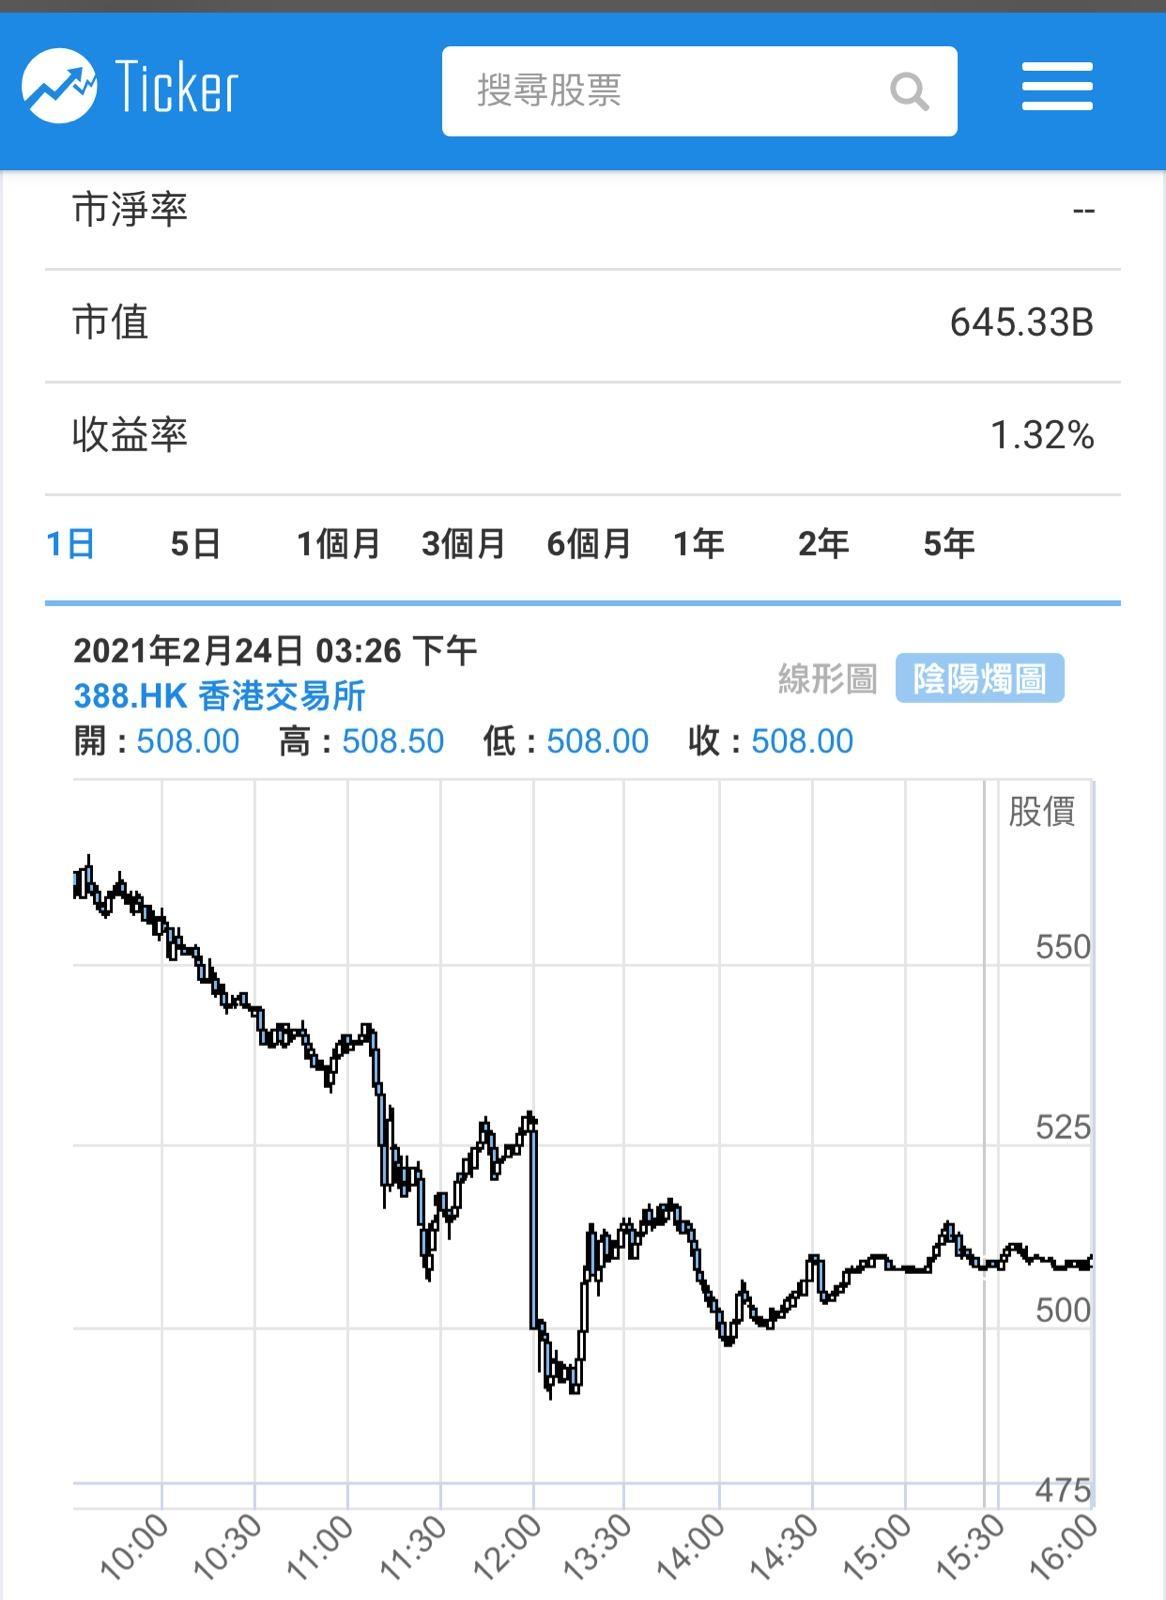 港交所(0388)股价亦相当敏感,跌了8%至509元水平,一度低见489.6元,和两周前的历史高位587元比较,跌了13%!